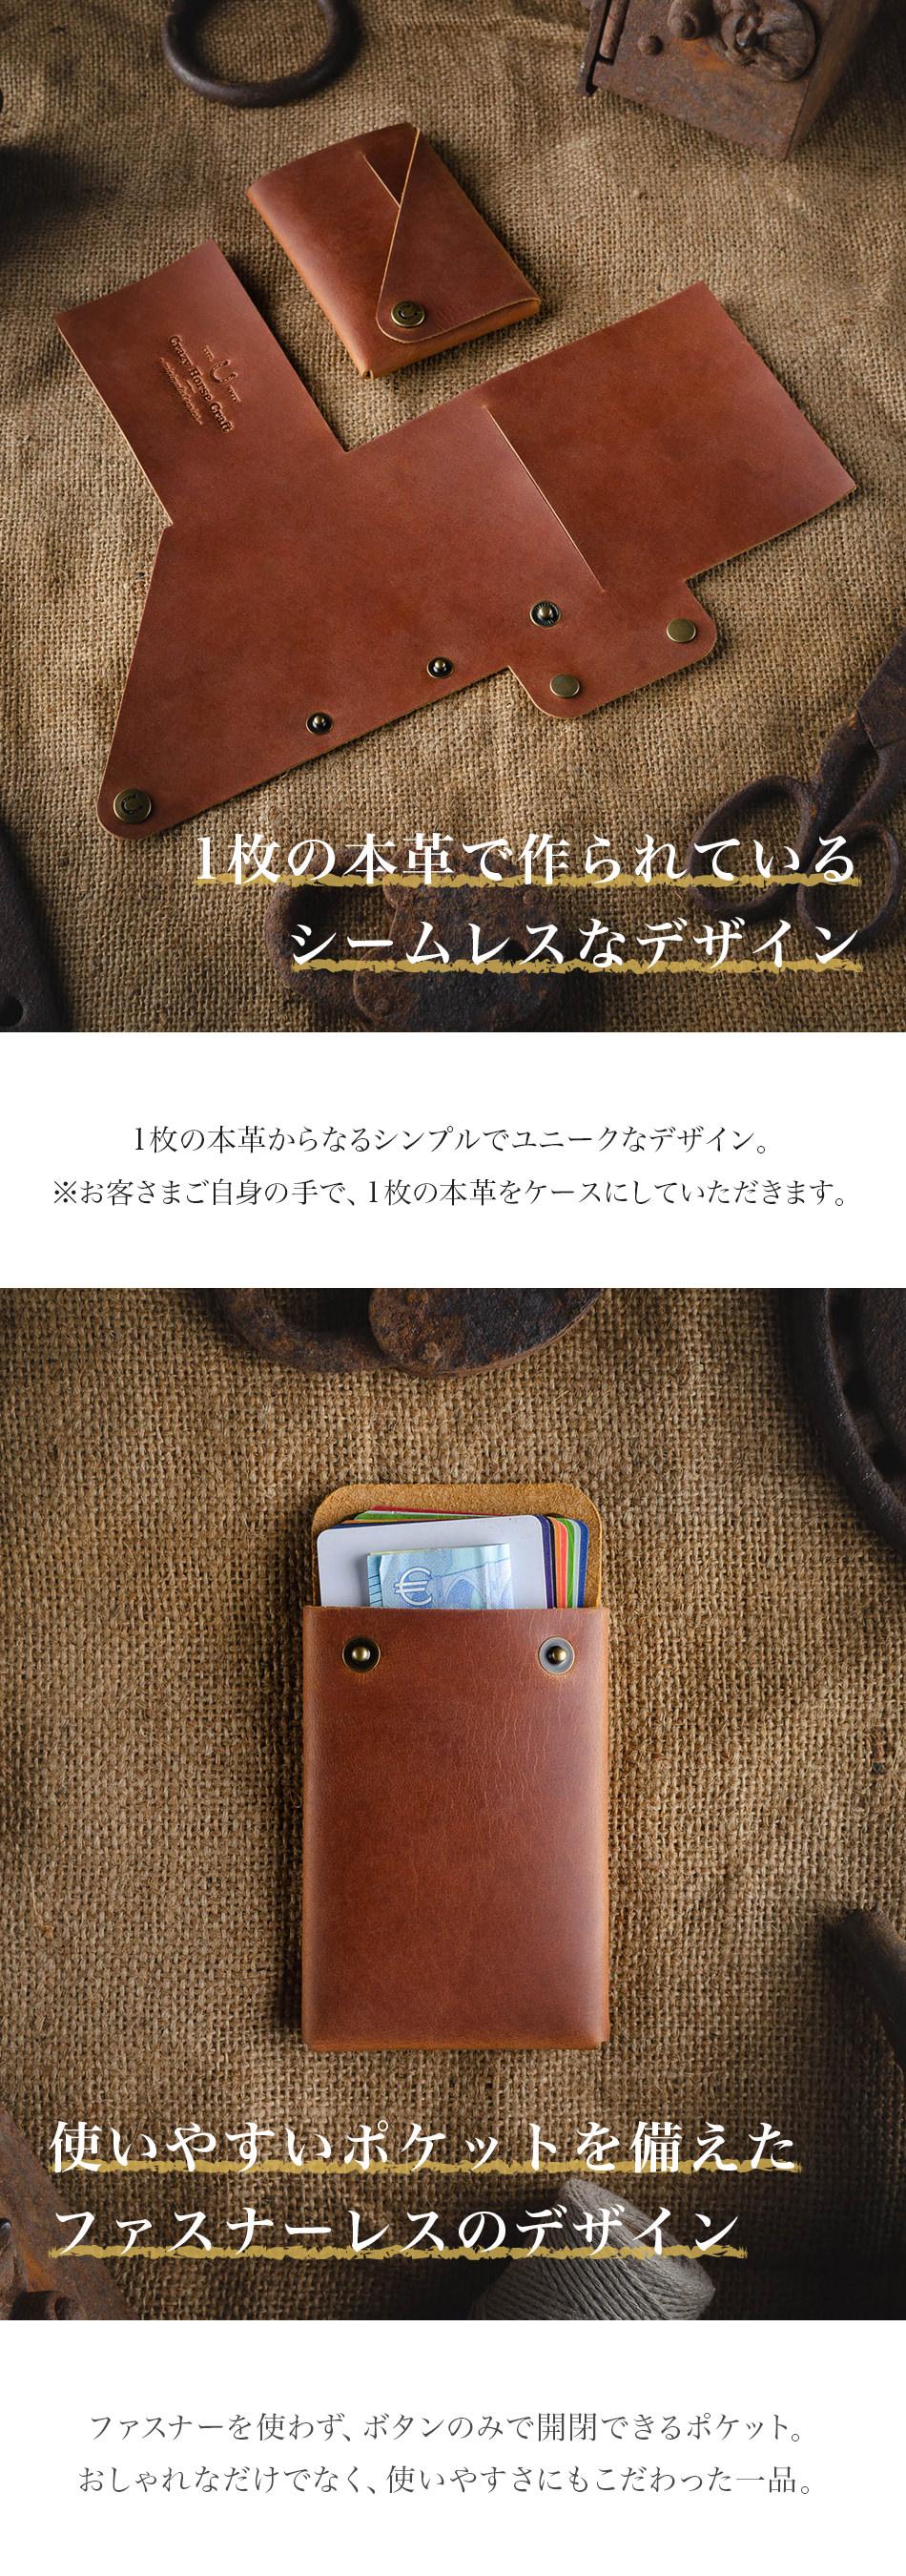 1枚の本革で作られているシームレスでファスナーレスのデザイン